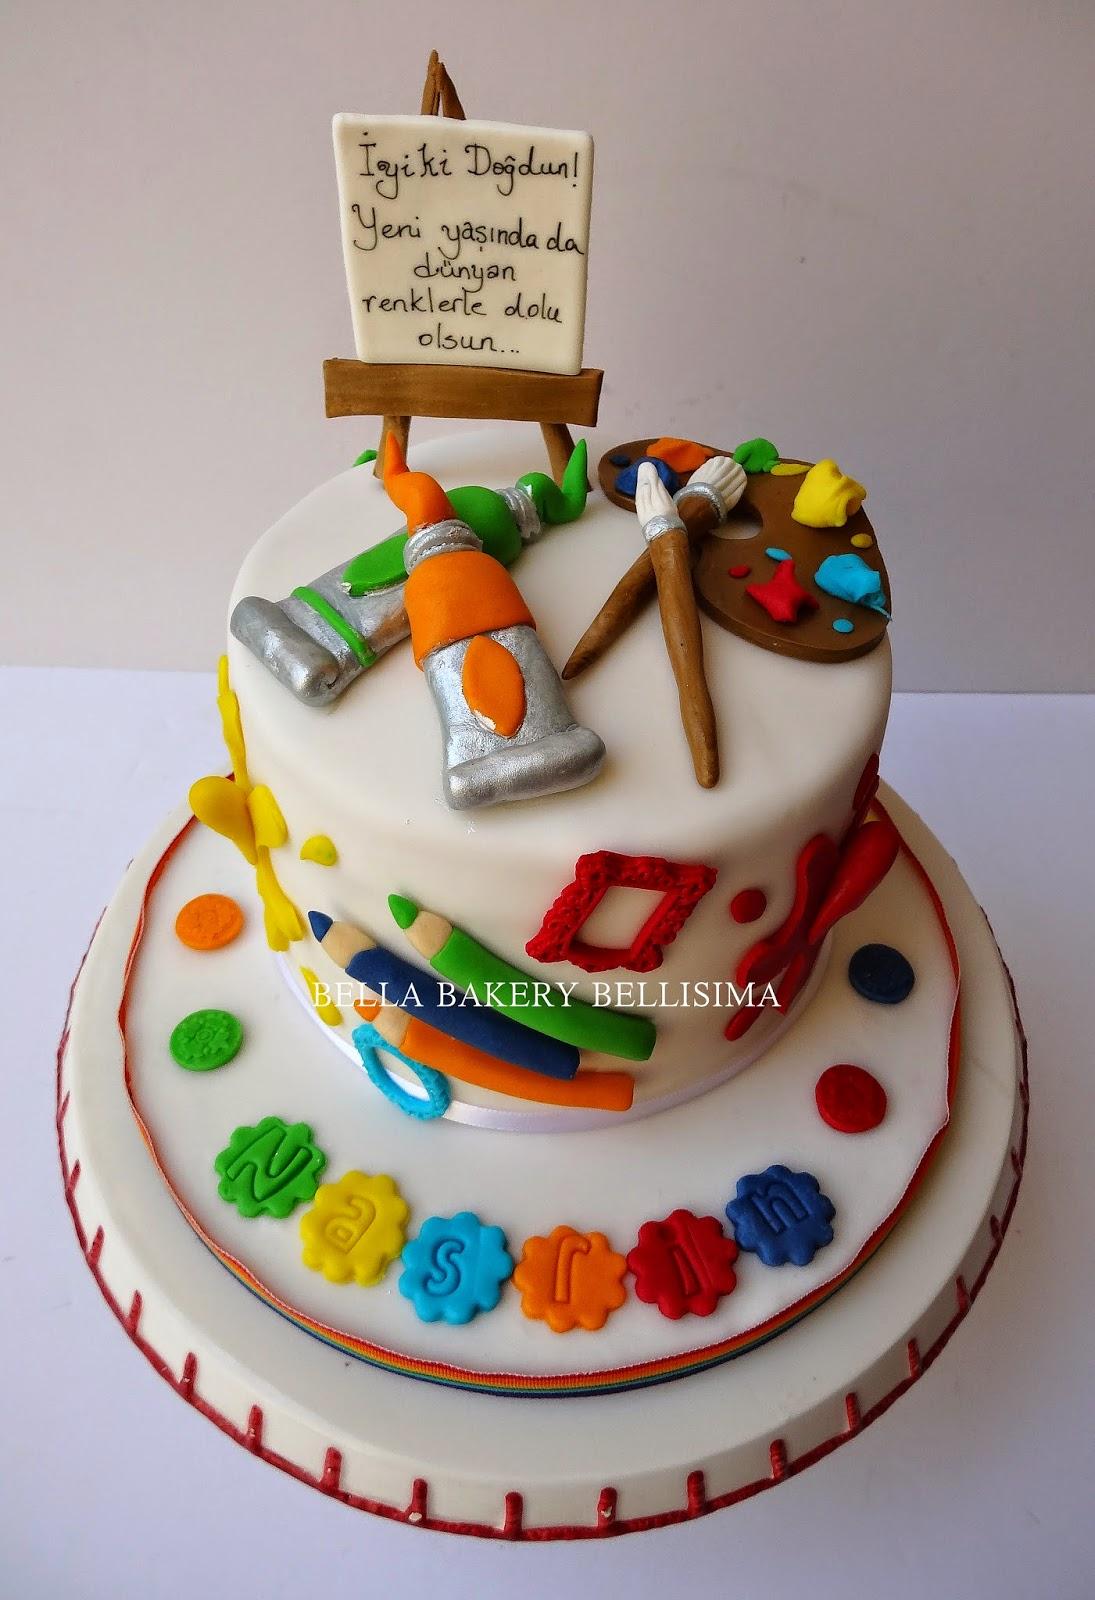 Art Cake Bakery Mexicali : -: ART & ARTIST CAKE